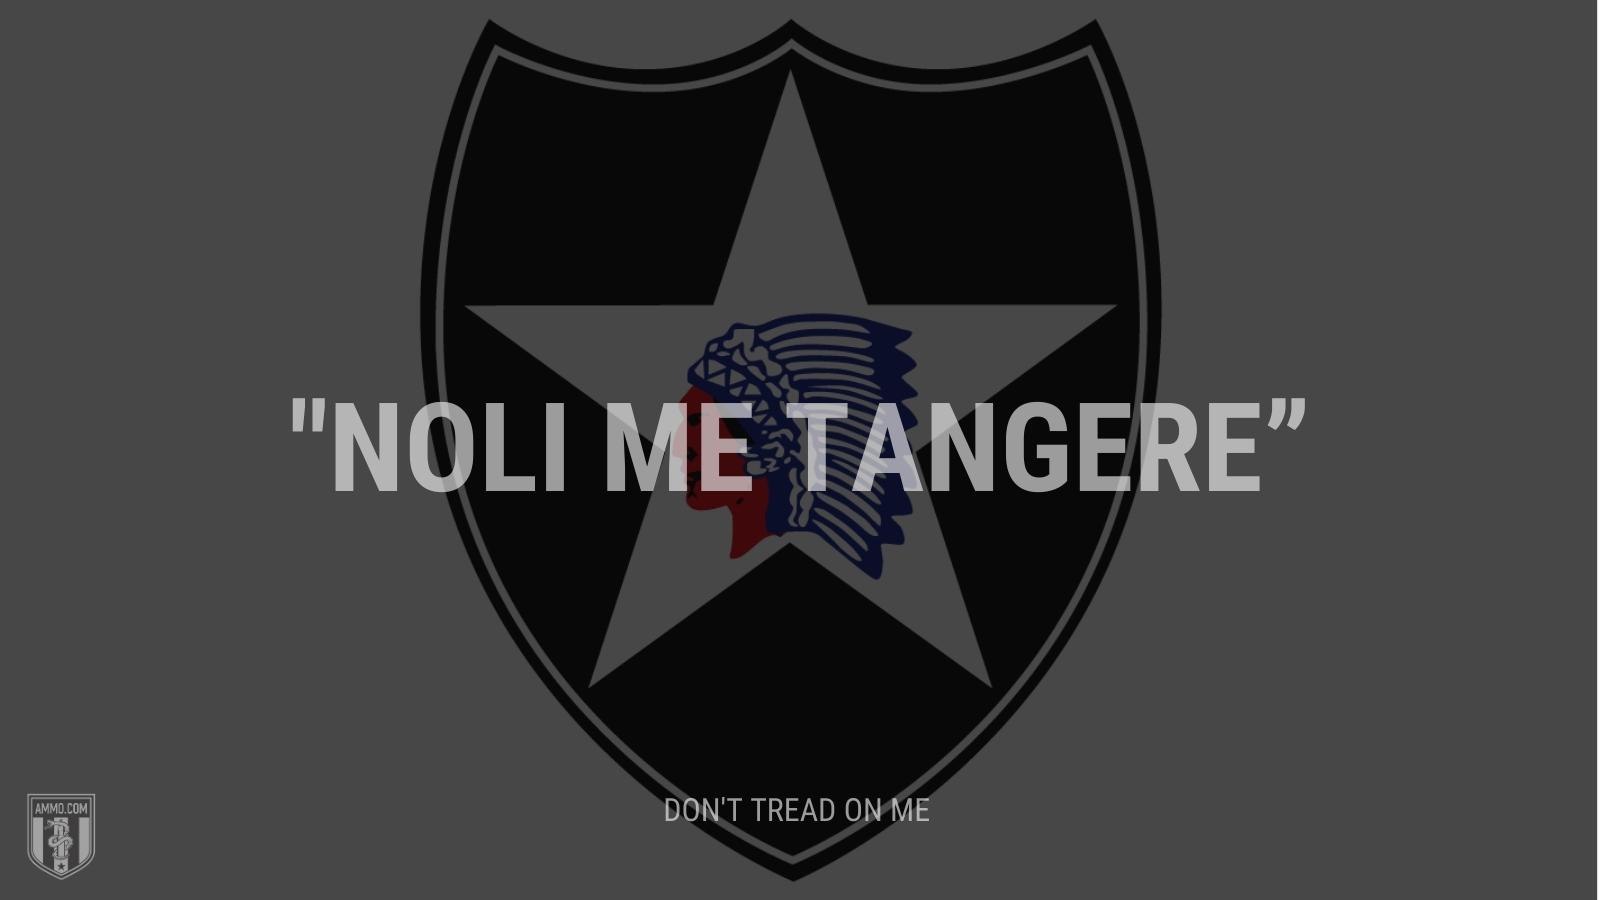 """""""Noli me tangere"""" - Don't tread on me"""